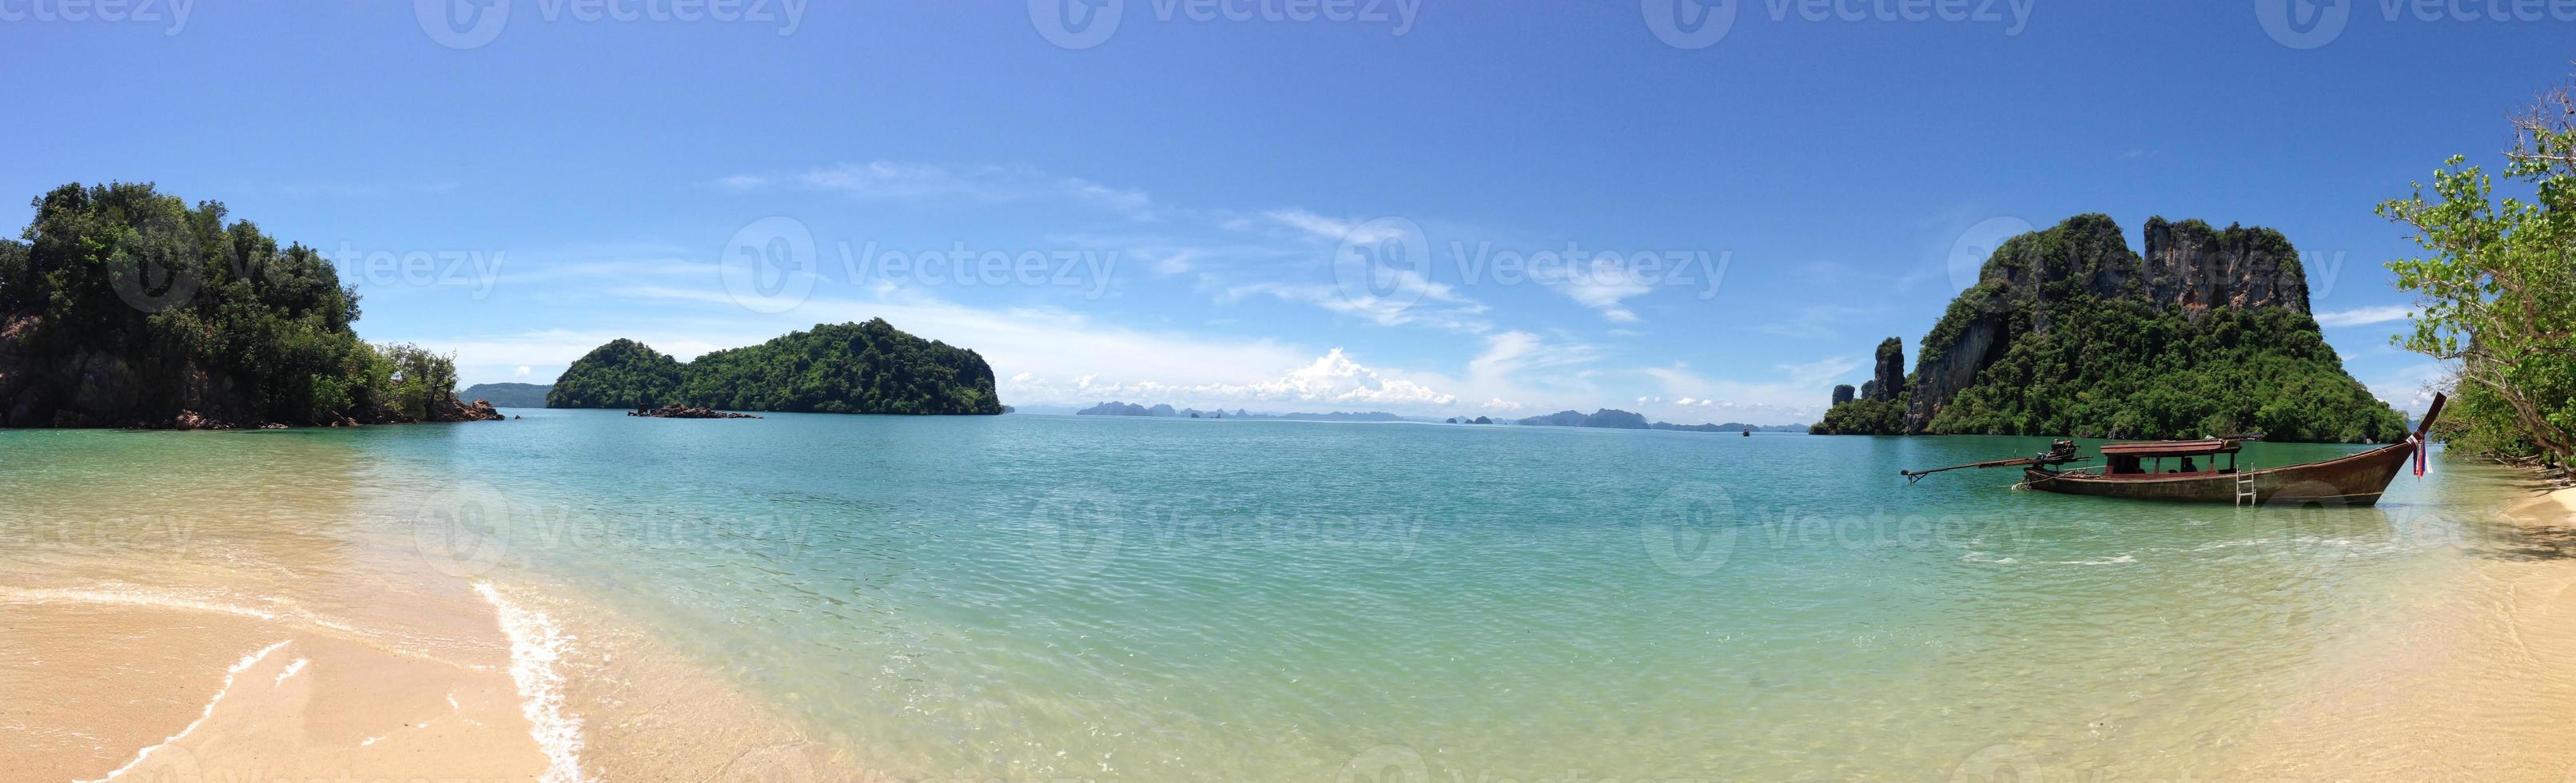 Thailand reisen foto